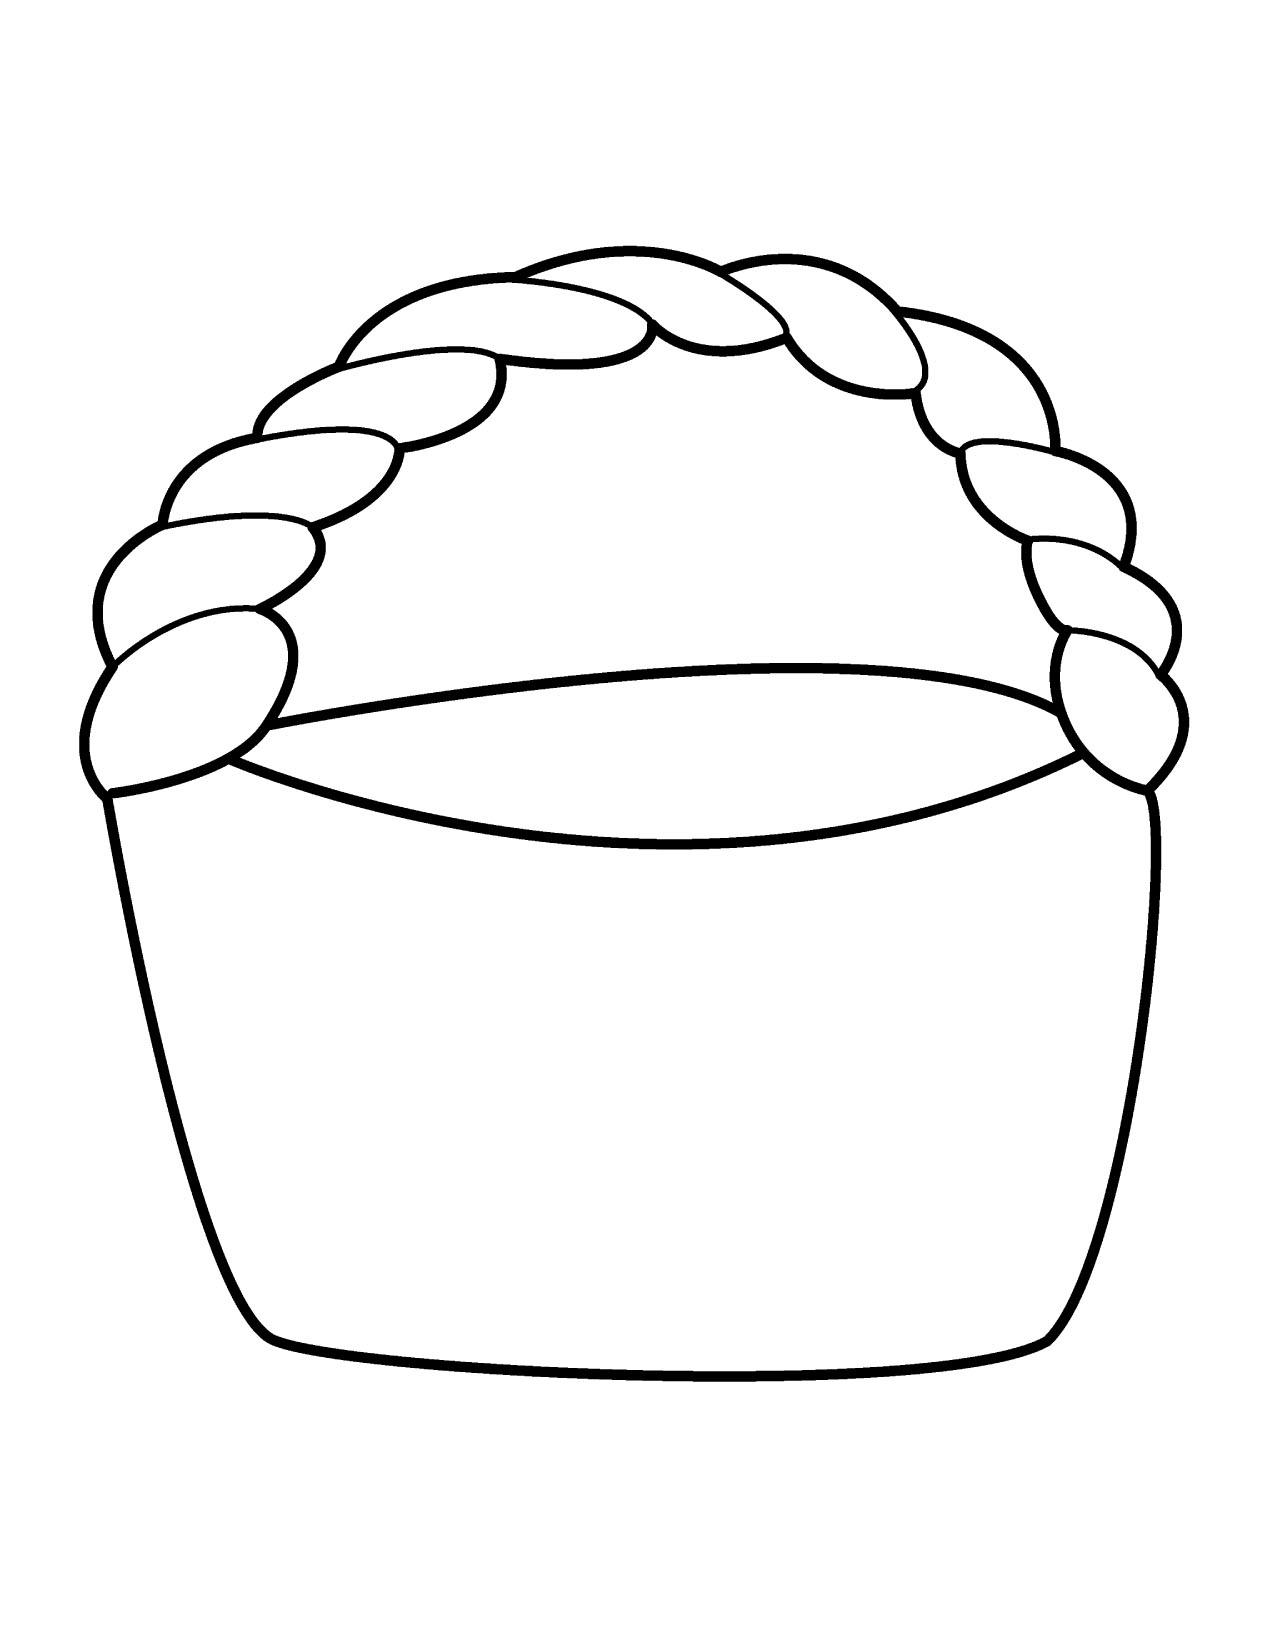 1275x1650 Picnic Basket Clipart Outline